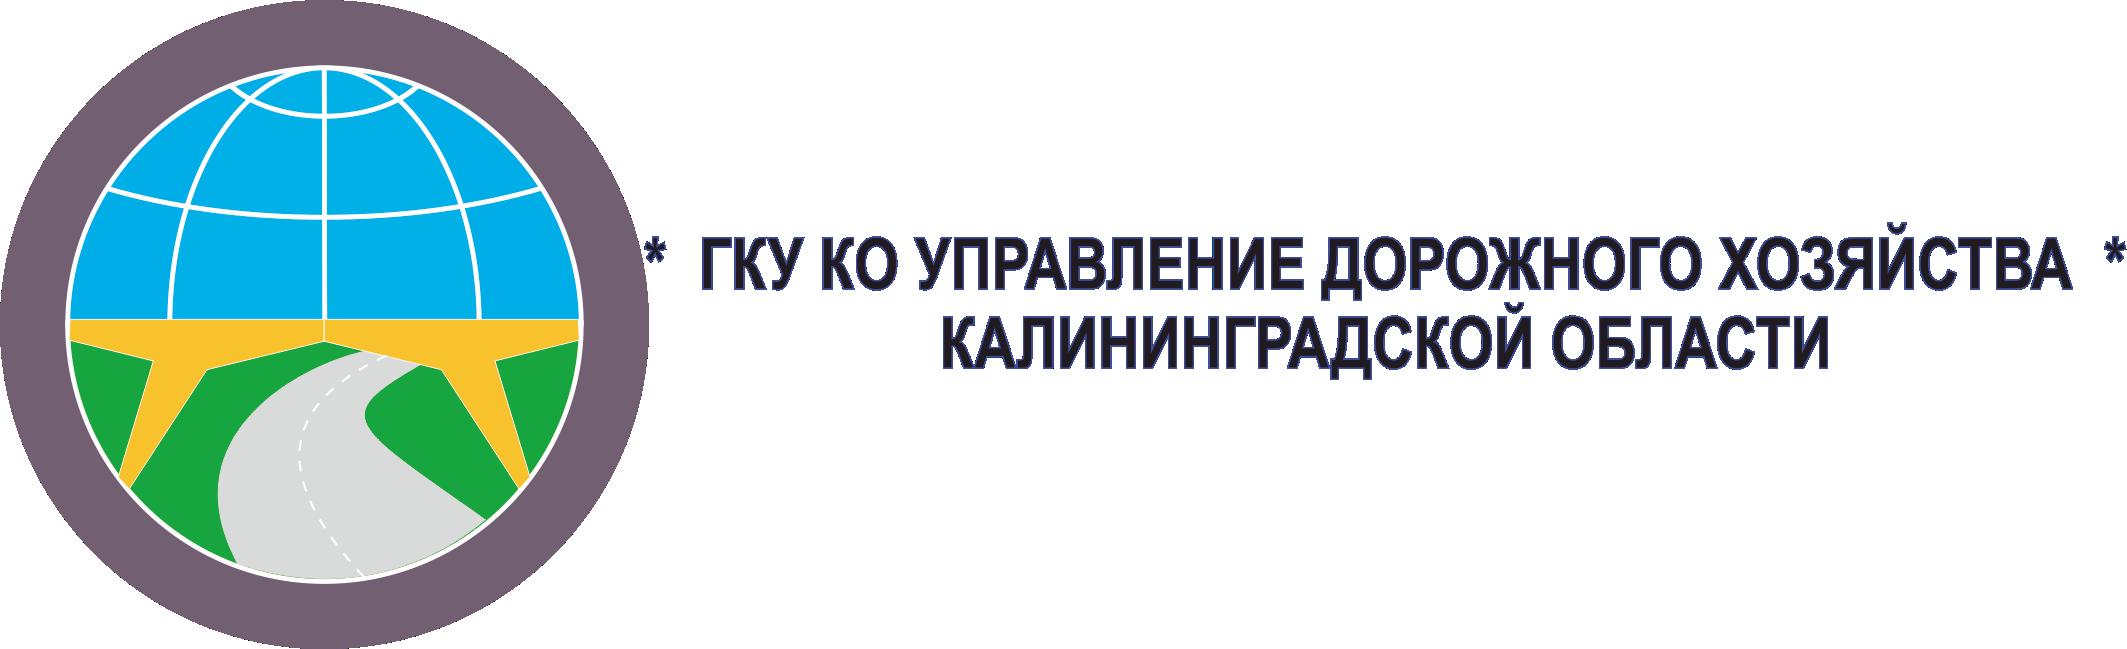 Управление дорожного хозяйства Калининградской области ДЭП39